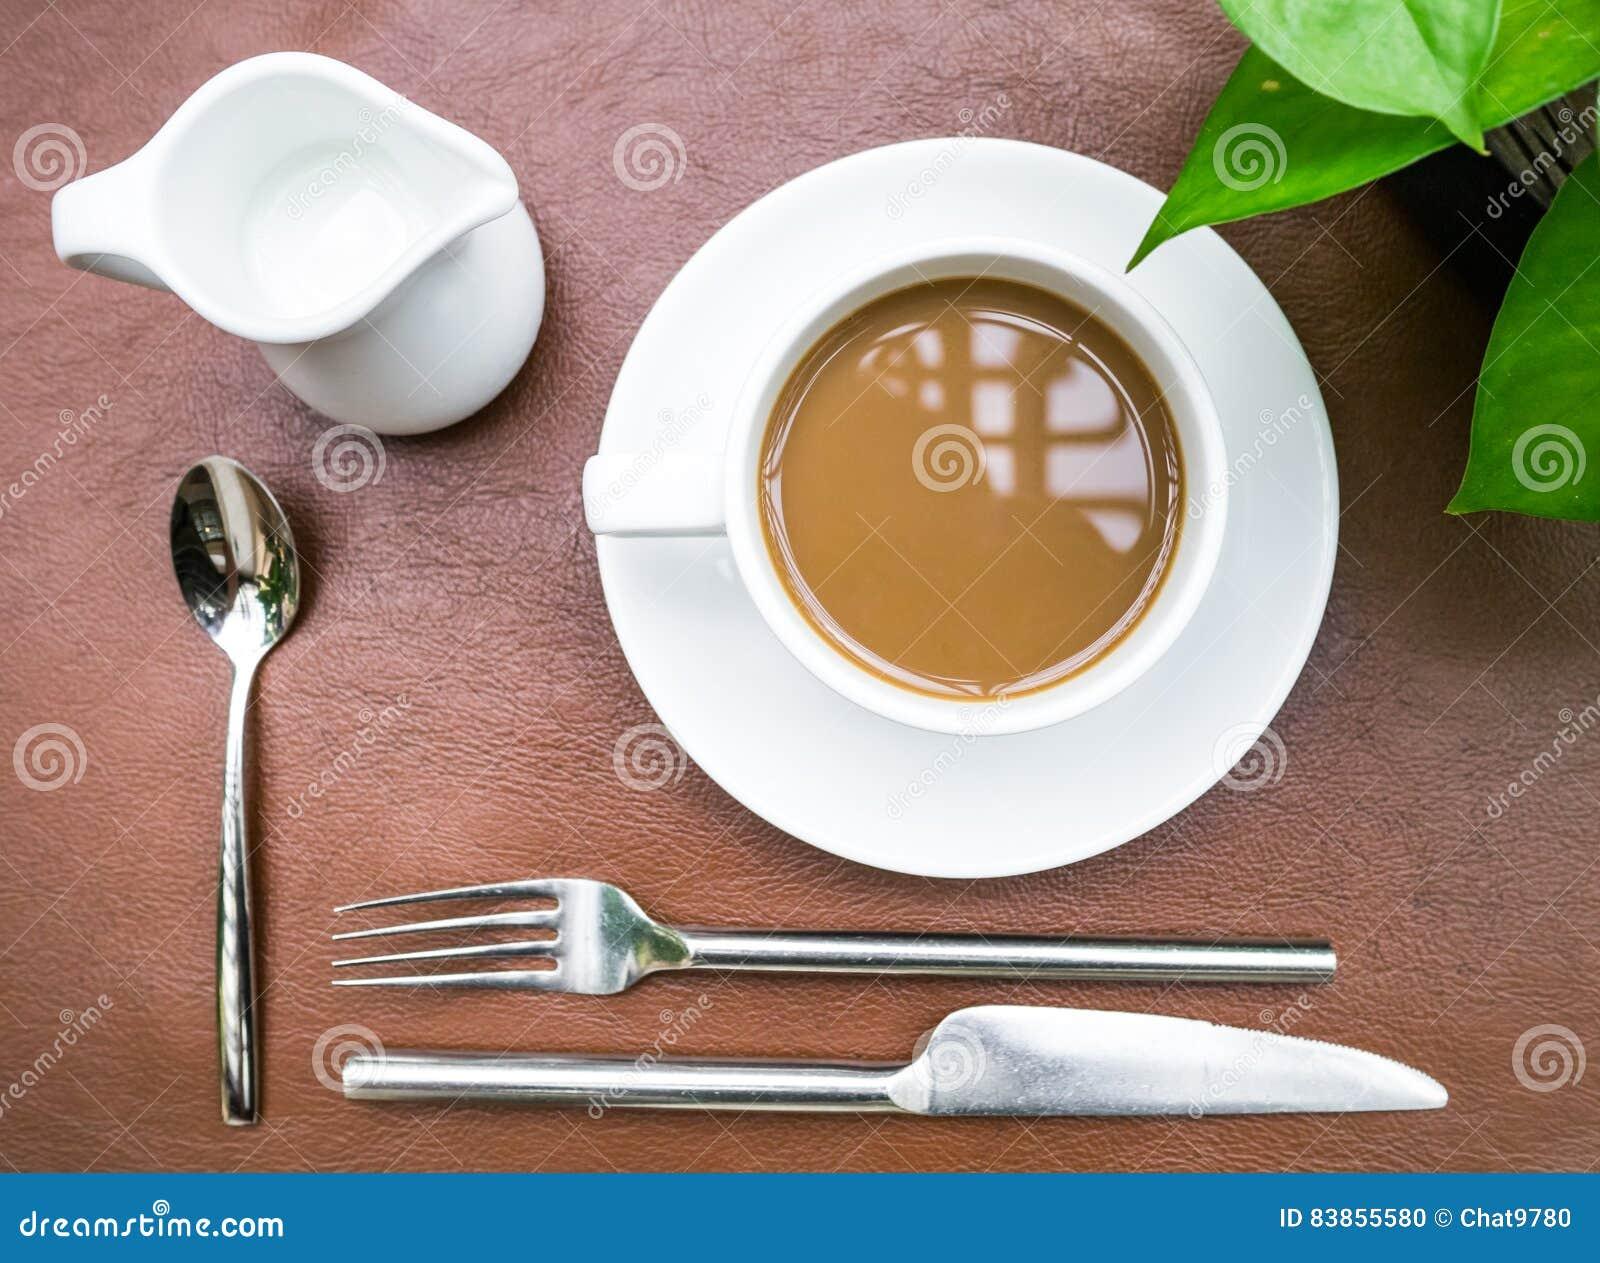 Fotos De Stock Chat9780: Tasse Kaffee Mit Kulinarischer Einrichtung Stockfoto